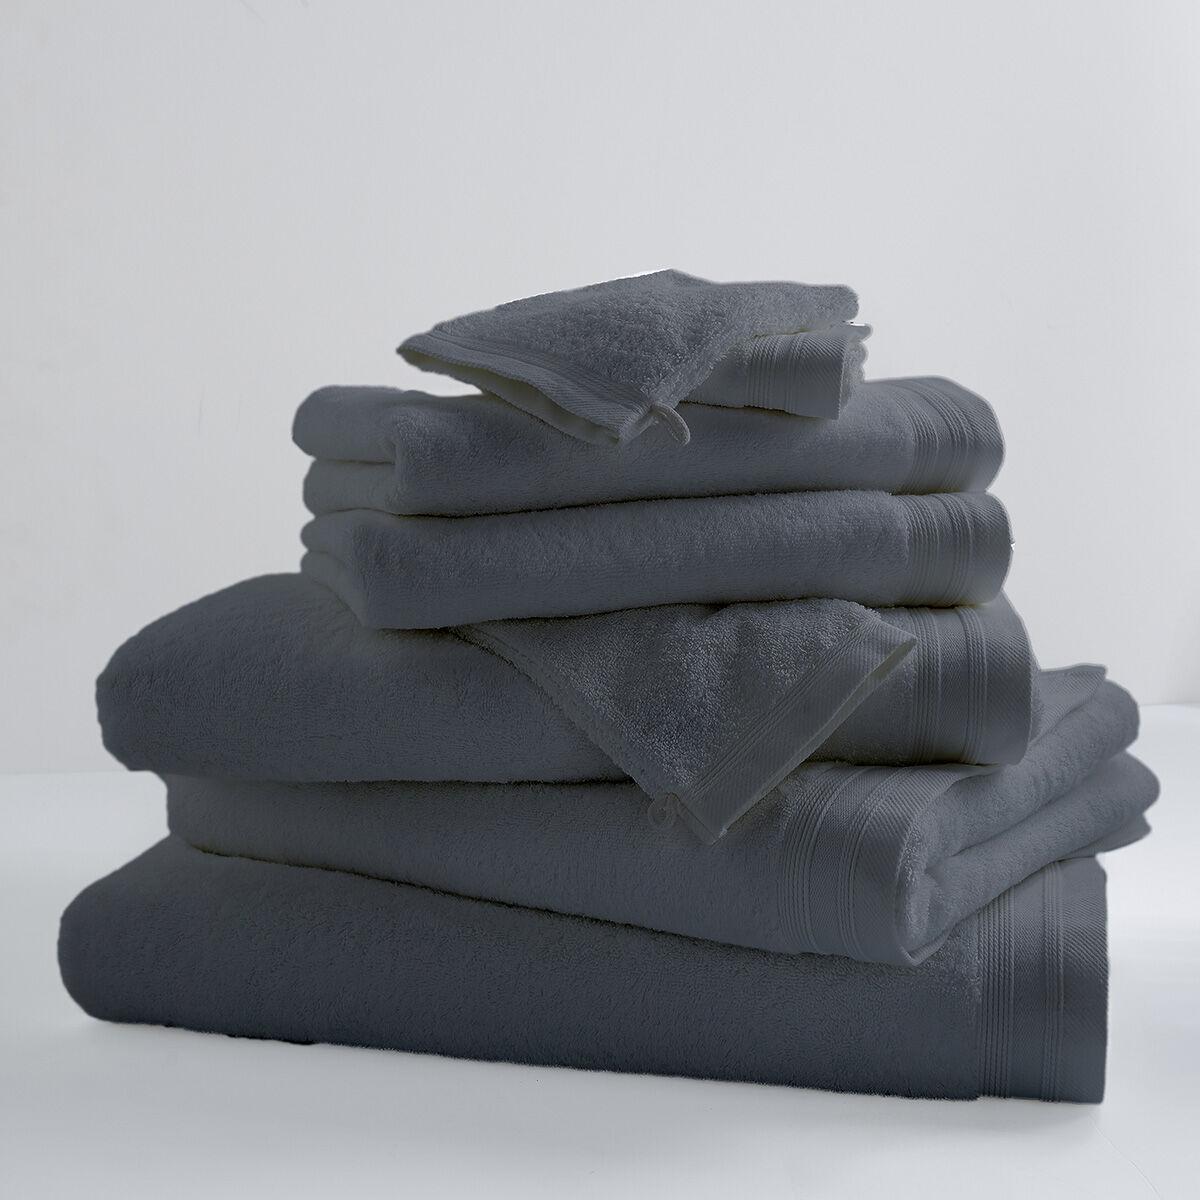 Home Bain Drap de bain uni et coloré coton reglisse 150x100